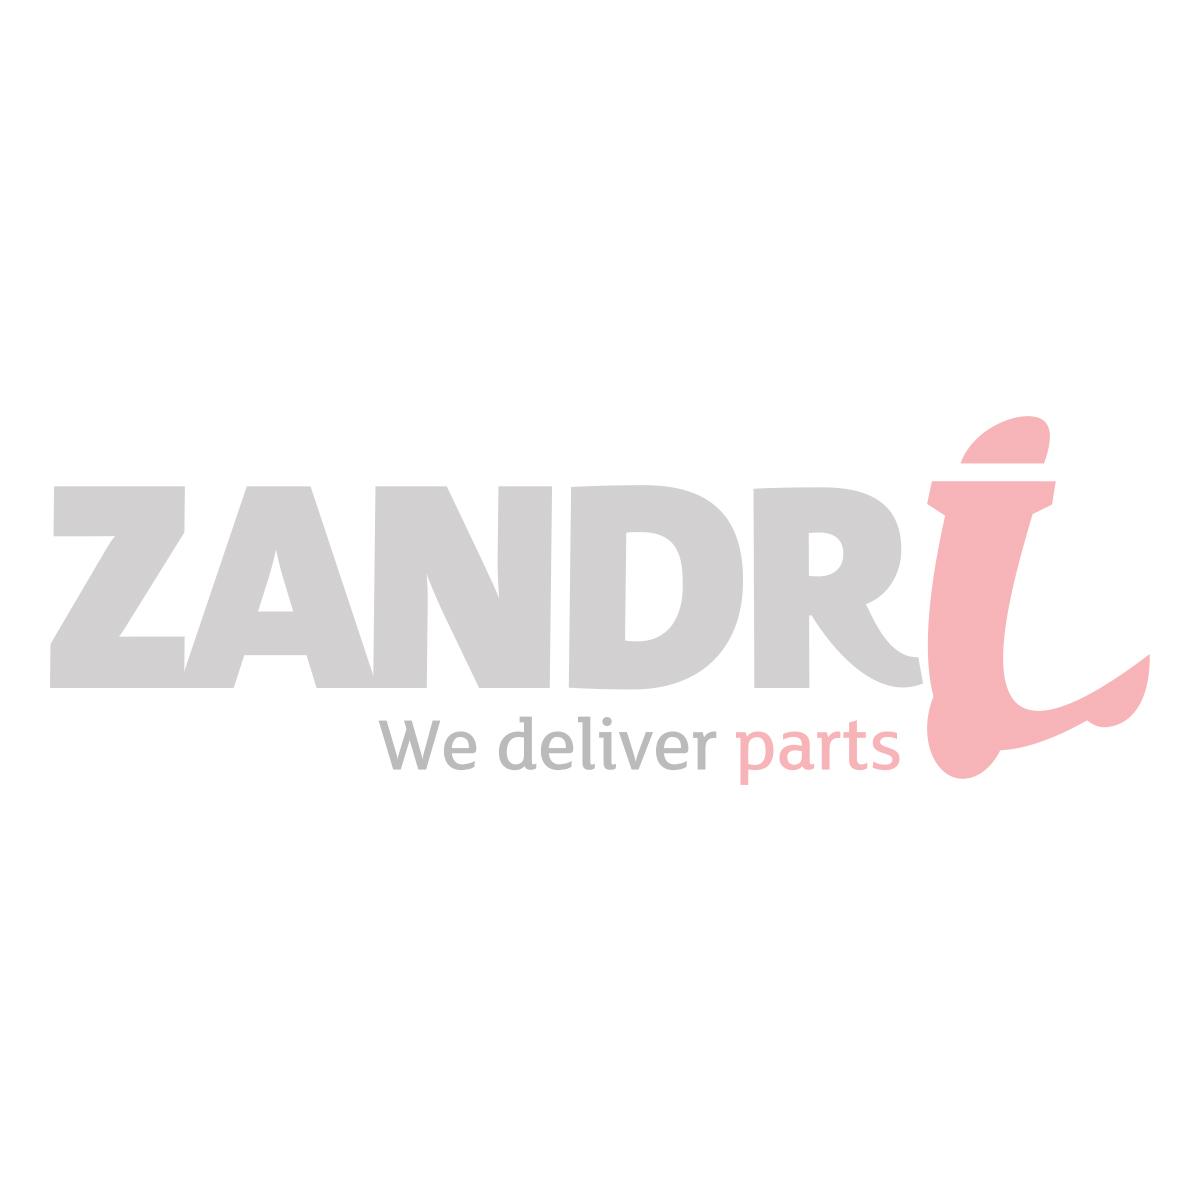 Condensator Mobilette  Elec AV 51,41,40,88,CADY (1)